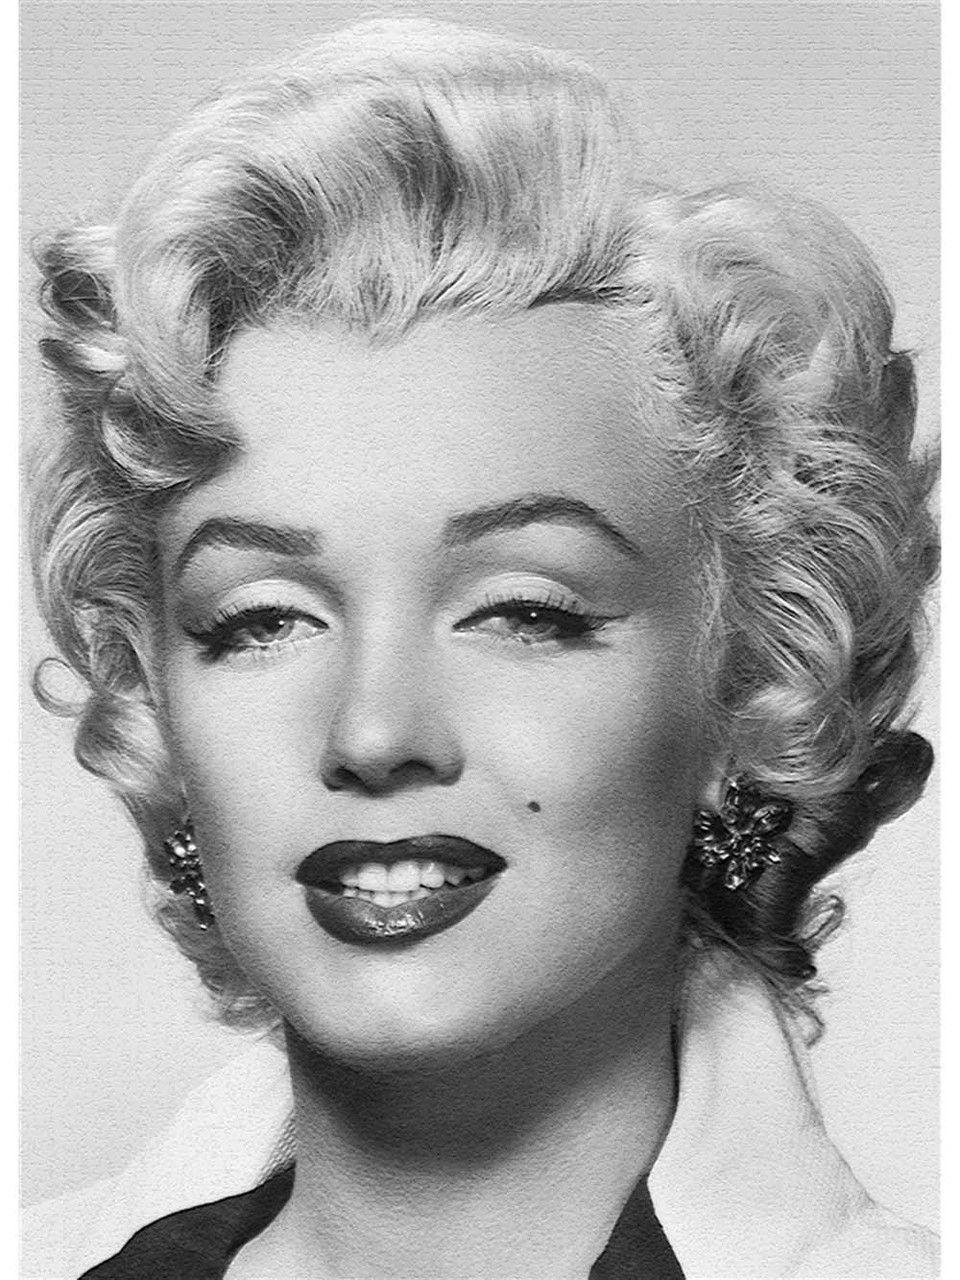 Marilyn Monroe Bedroom Eyes Makeup Tutorial - Mugeek Vidalondon